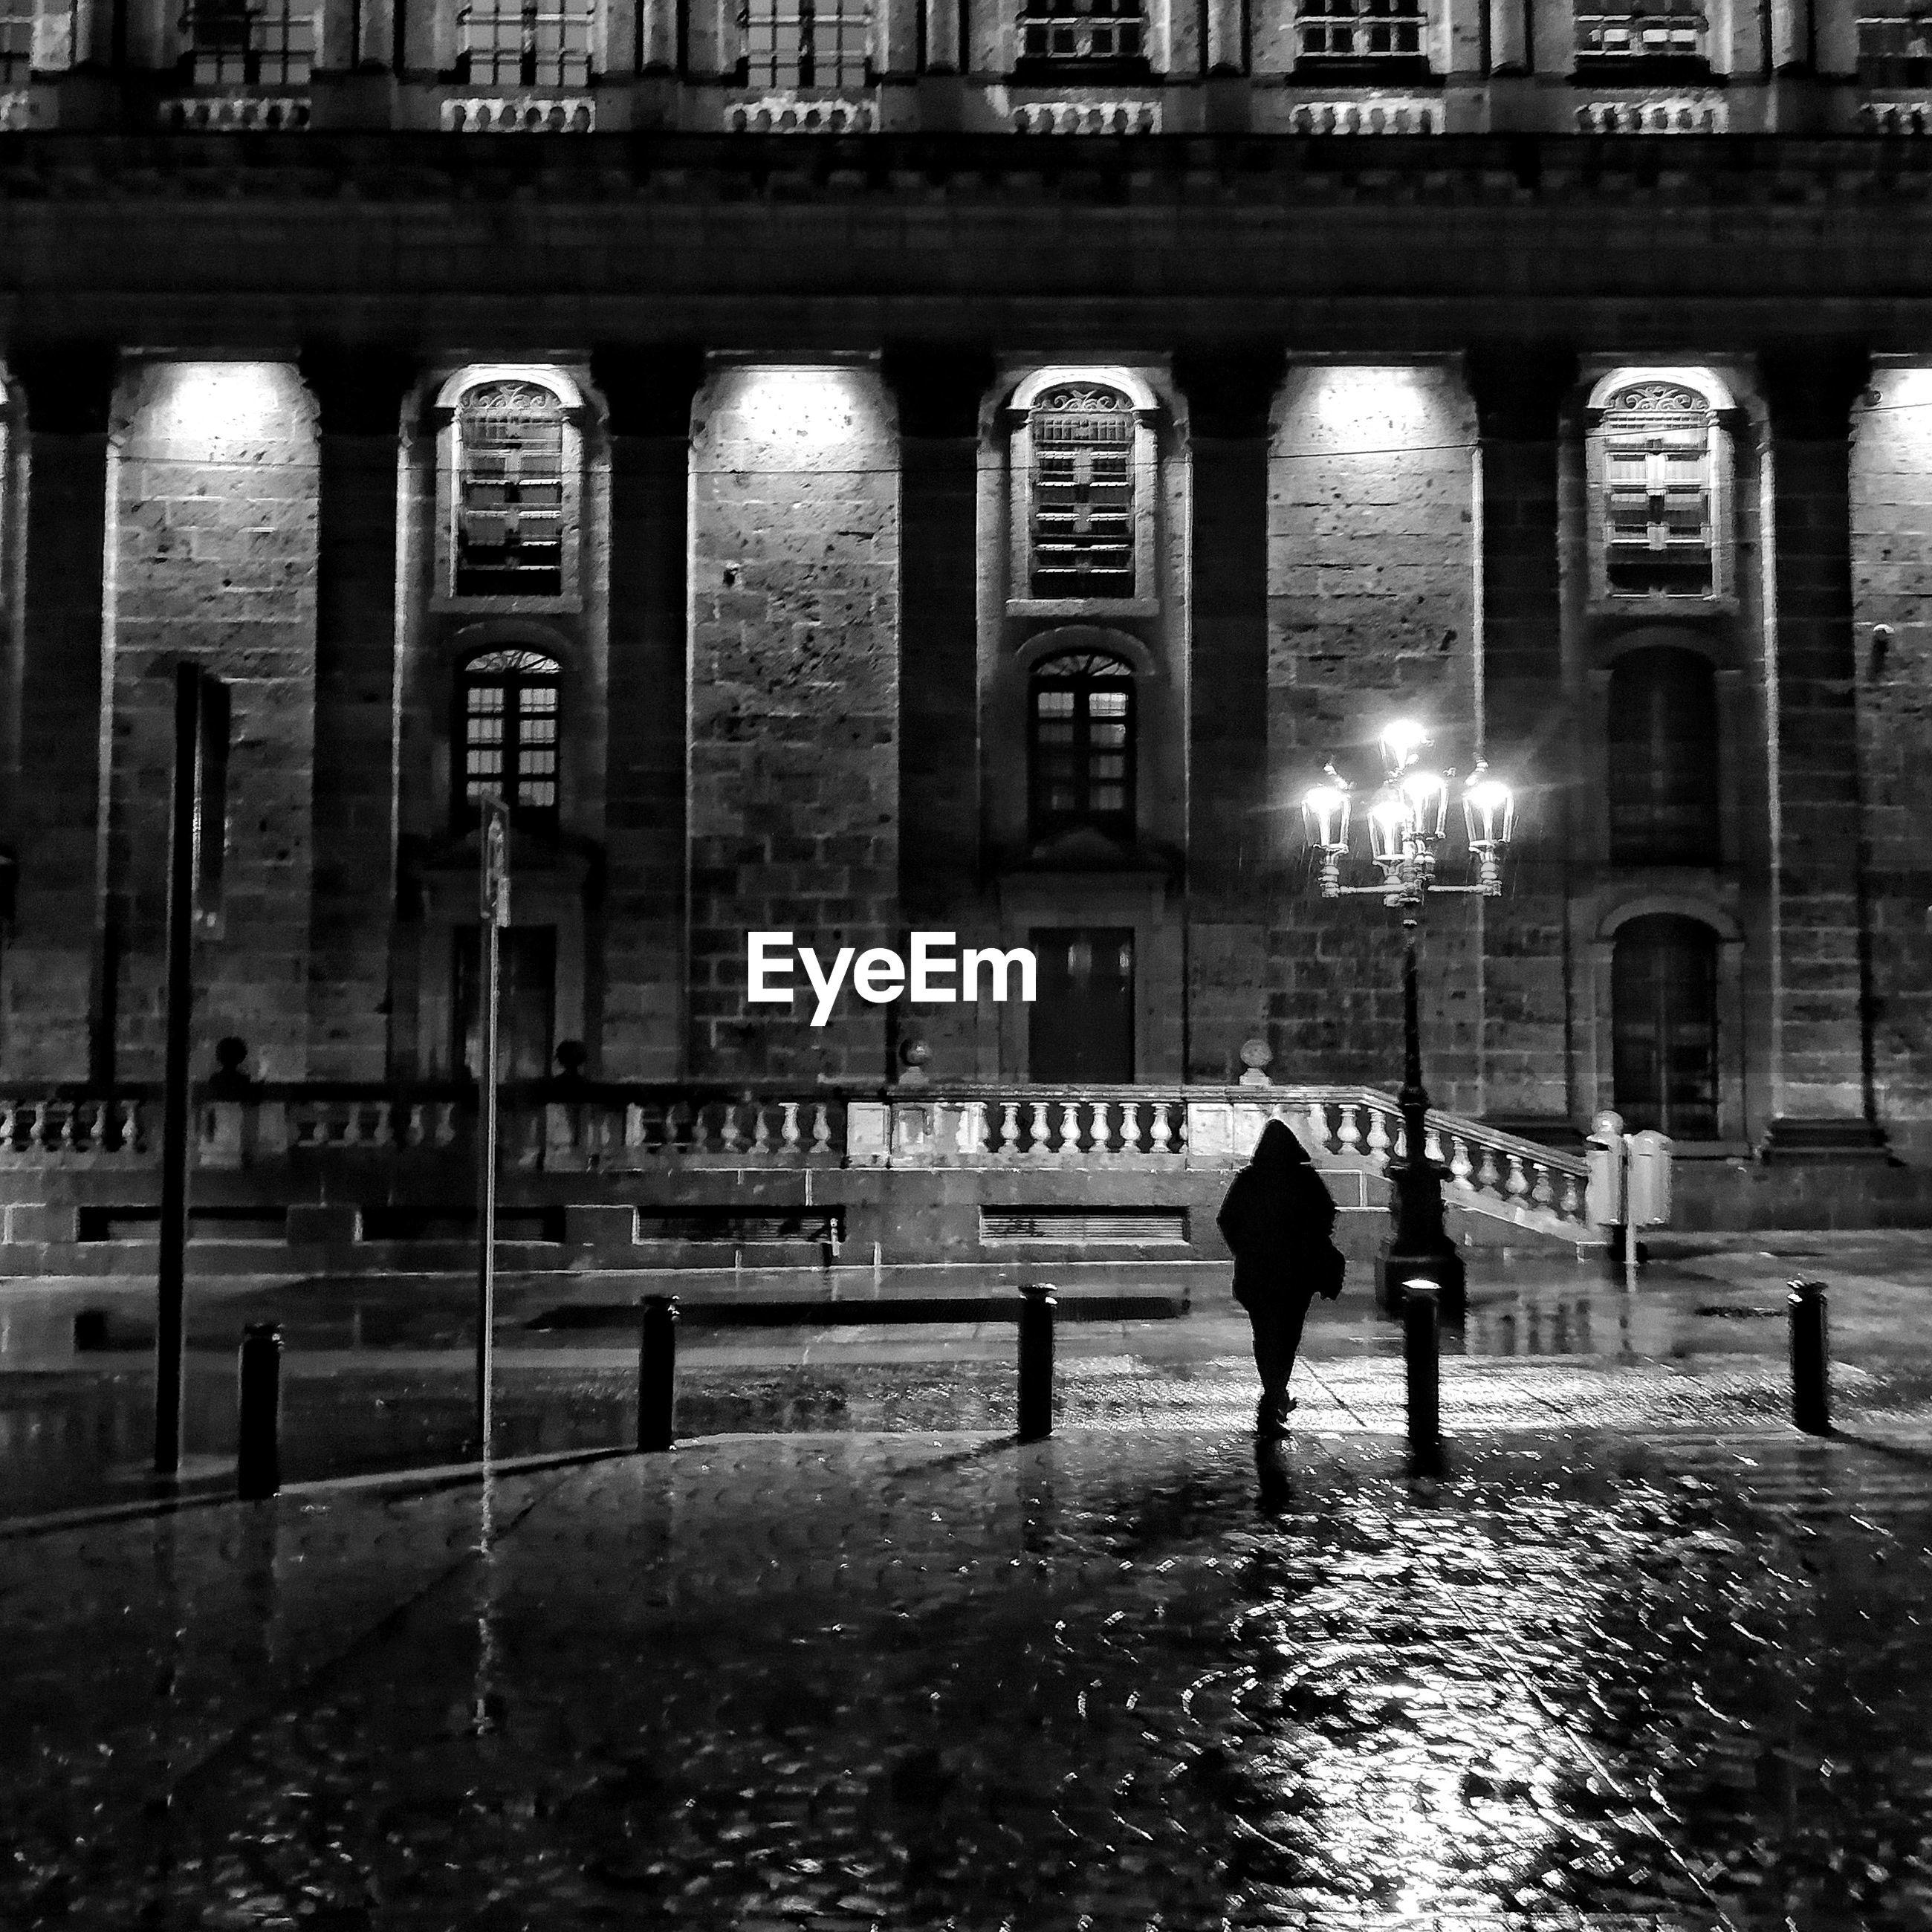 REAR VIEW OF WOMAN WALKING ON STREET IN RAIN